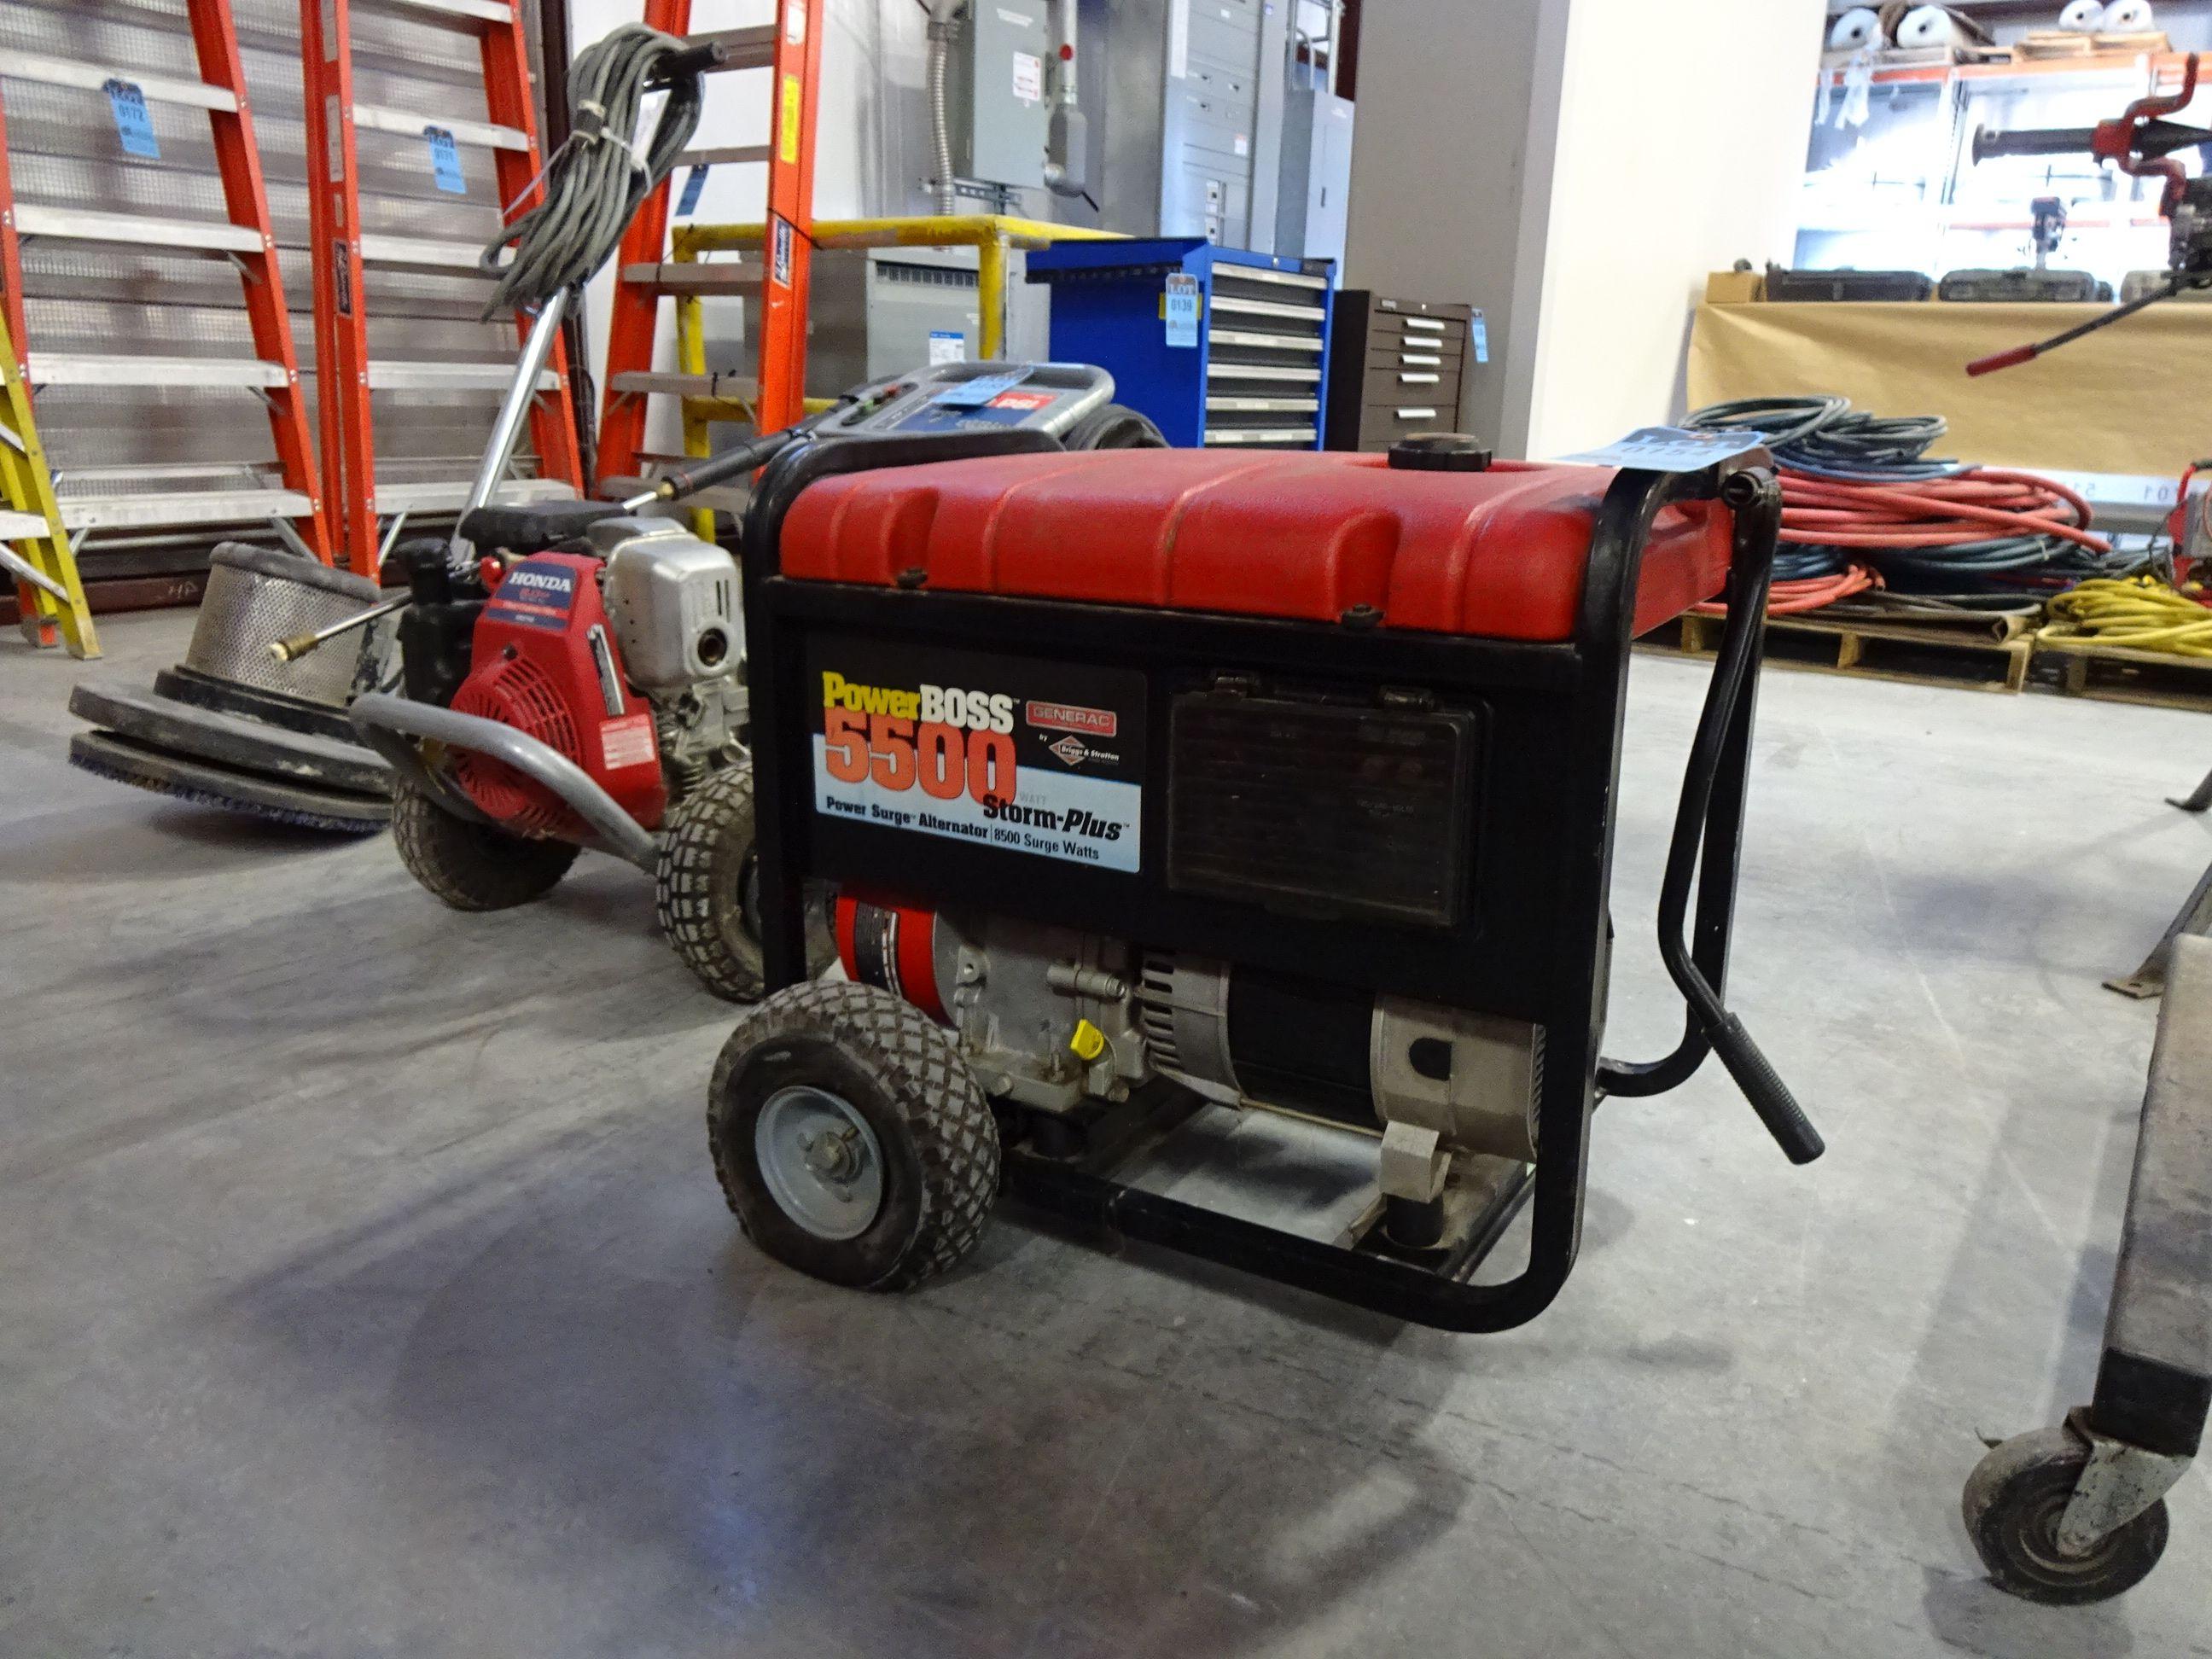 5 500 WATT GENERAC MODEL STORM PLUS 10 HP GAS PORTABLE GENERATOR